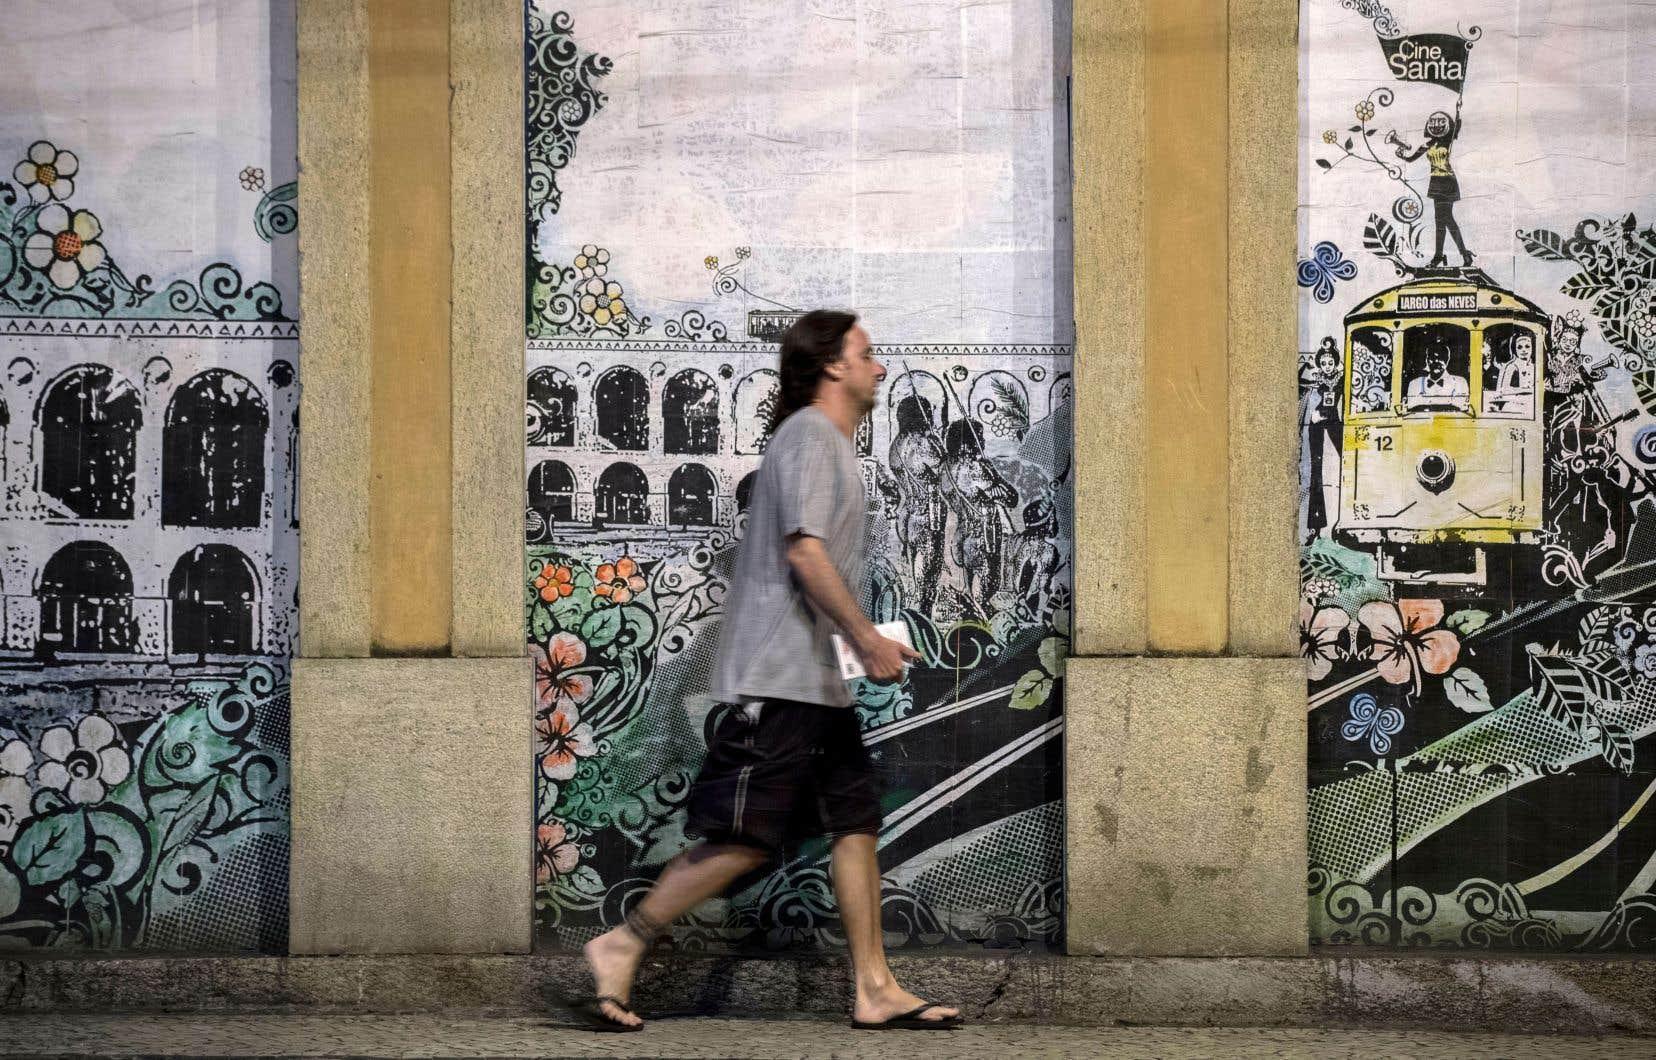 L'art est présent de tous côtés dans les rues de Santa Teresa et il s'inspire souvent du fameux bonde, icône du quartier.